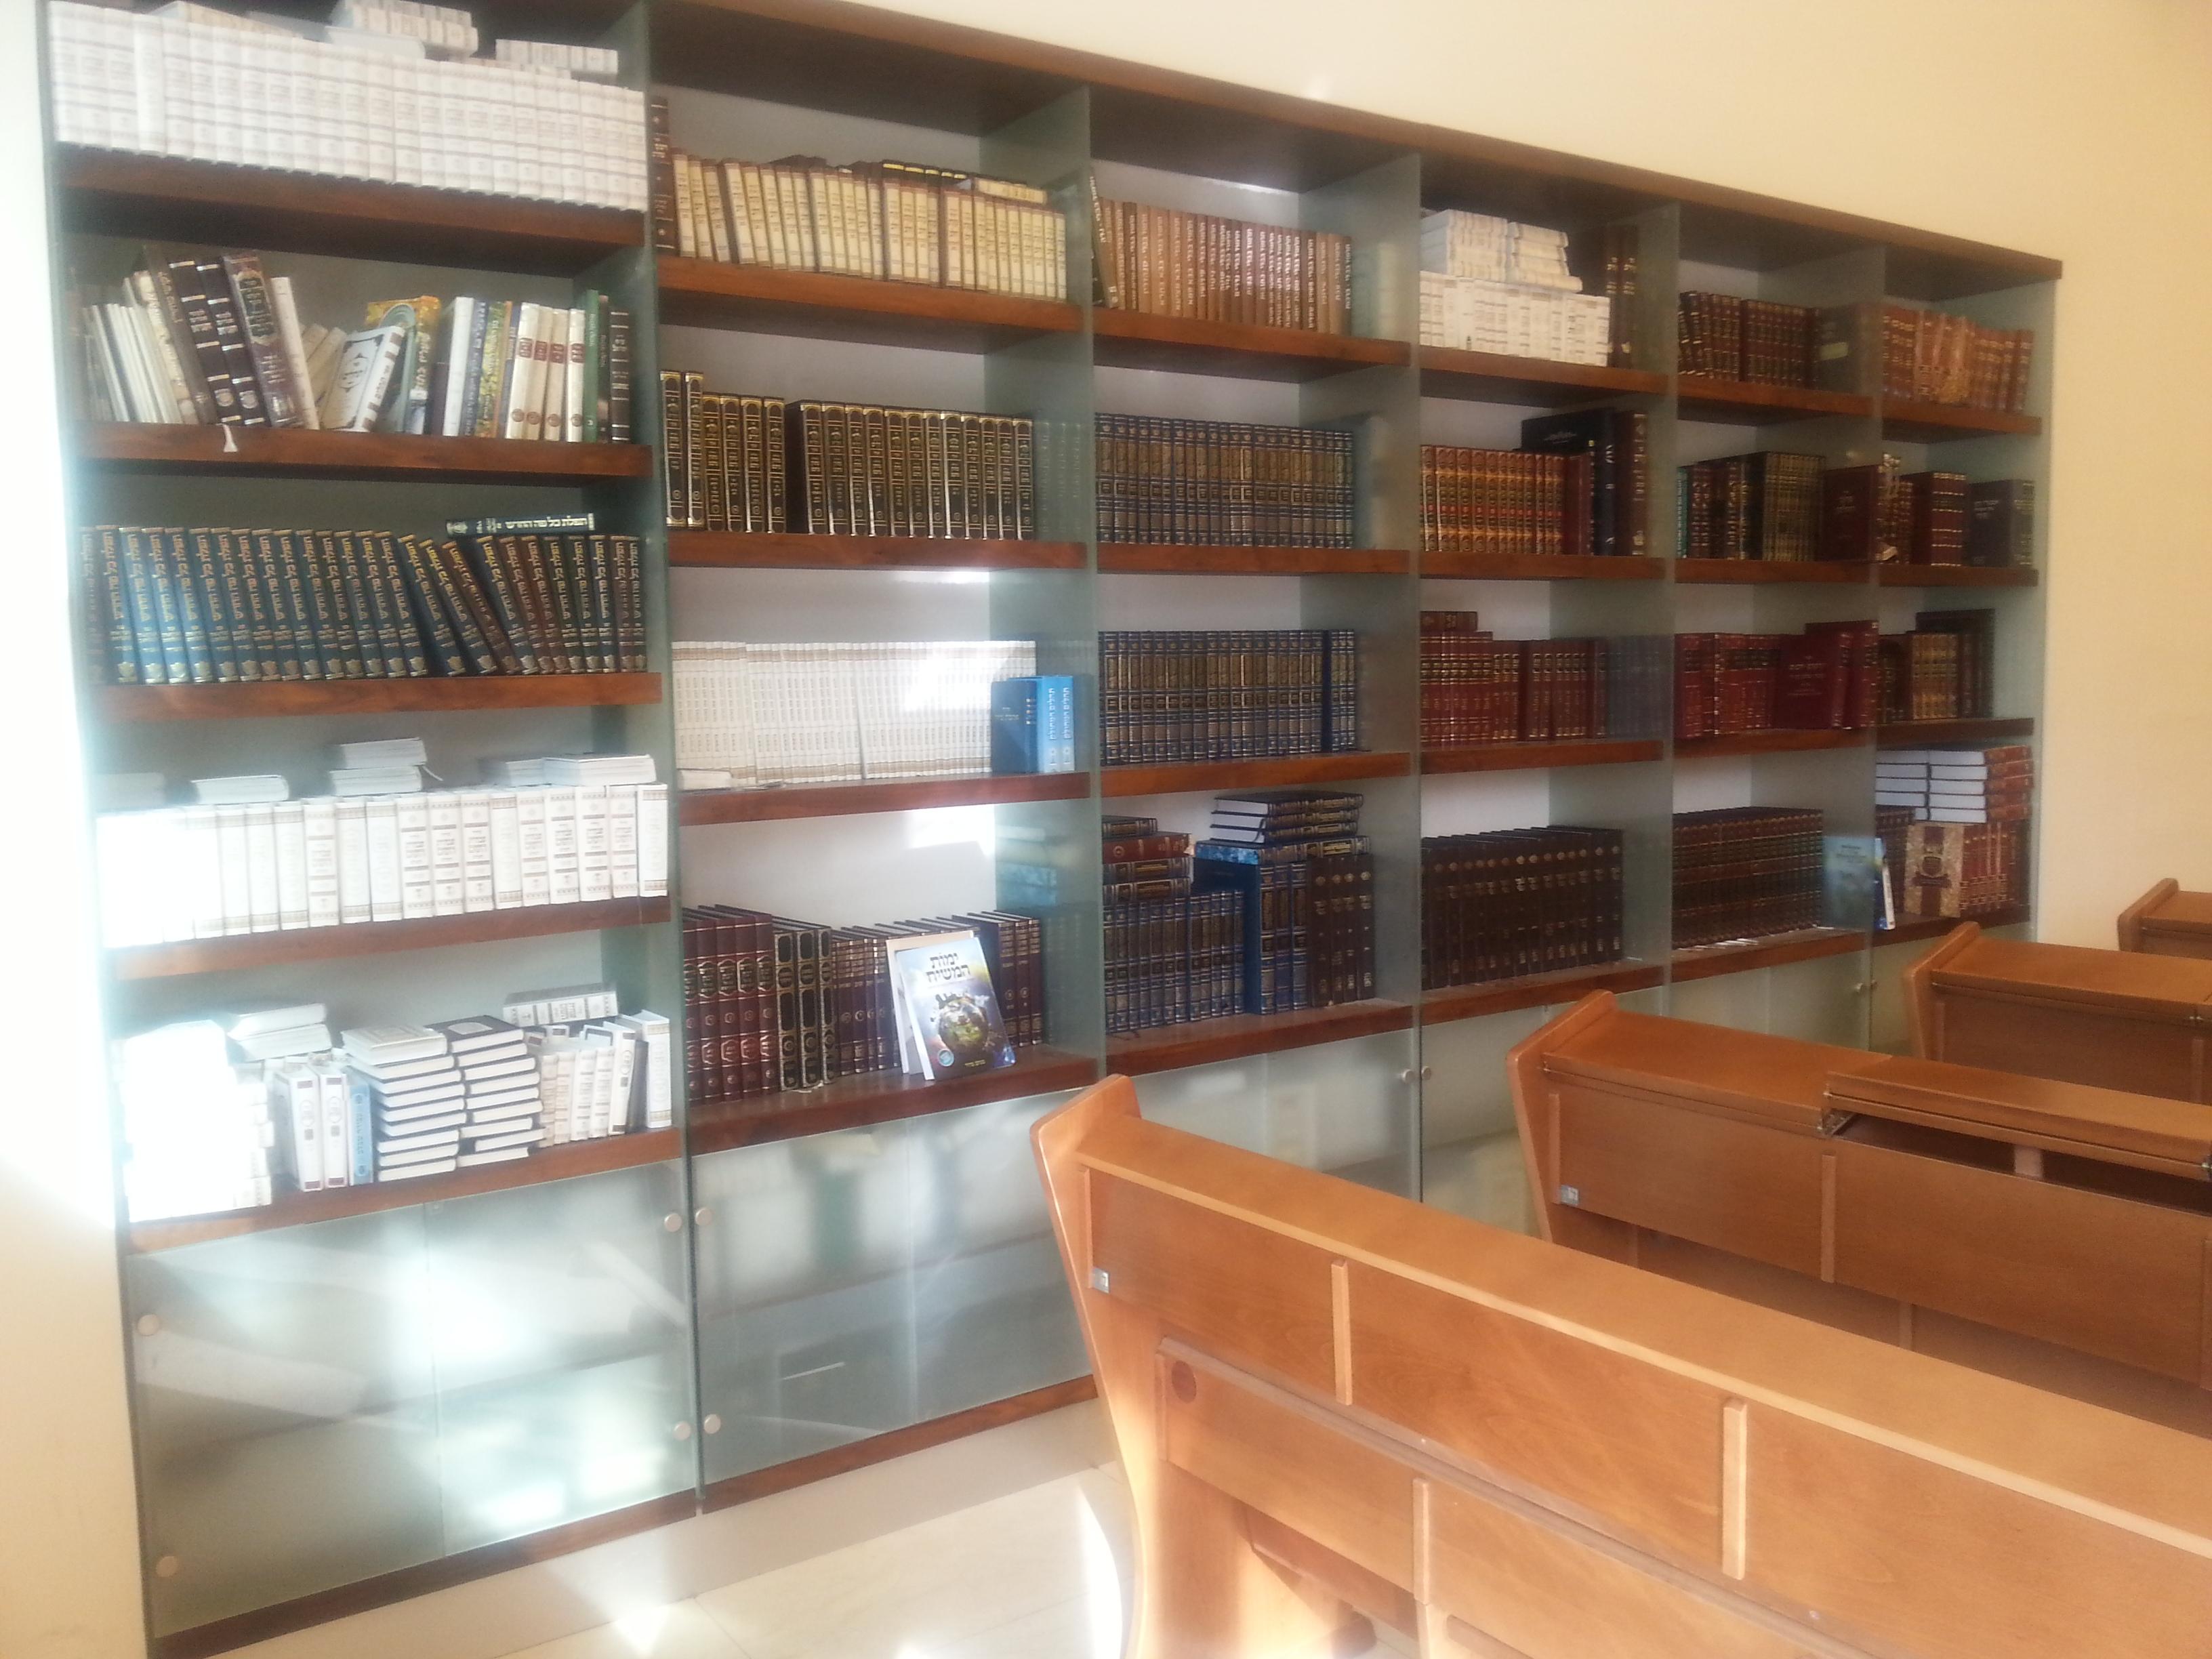 מדהים בית הכנסת שלי - הרשת החברתית לקהילות בתי-הכנסת - בית הכנסת - גינת אגוז BQ-51